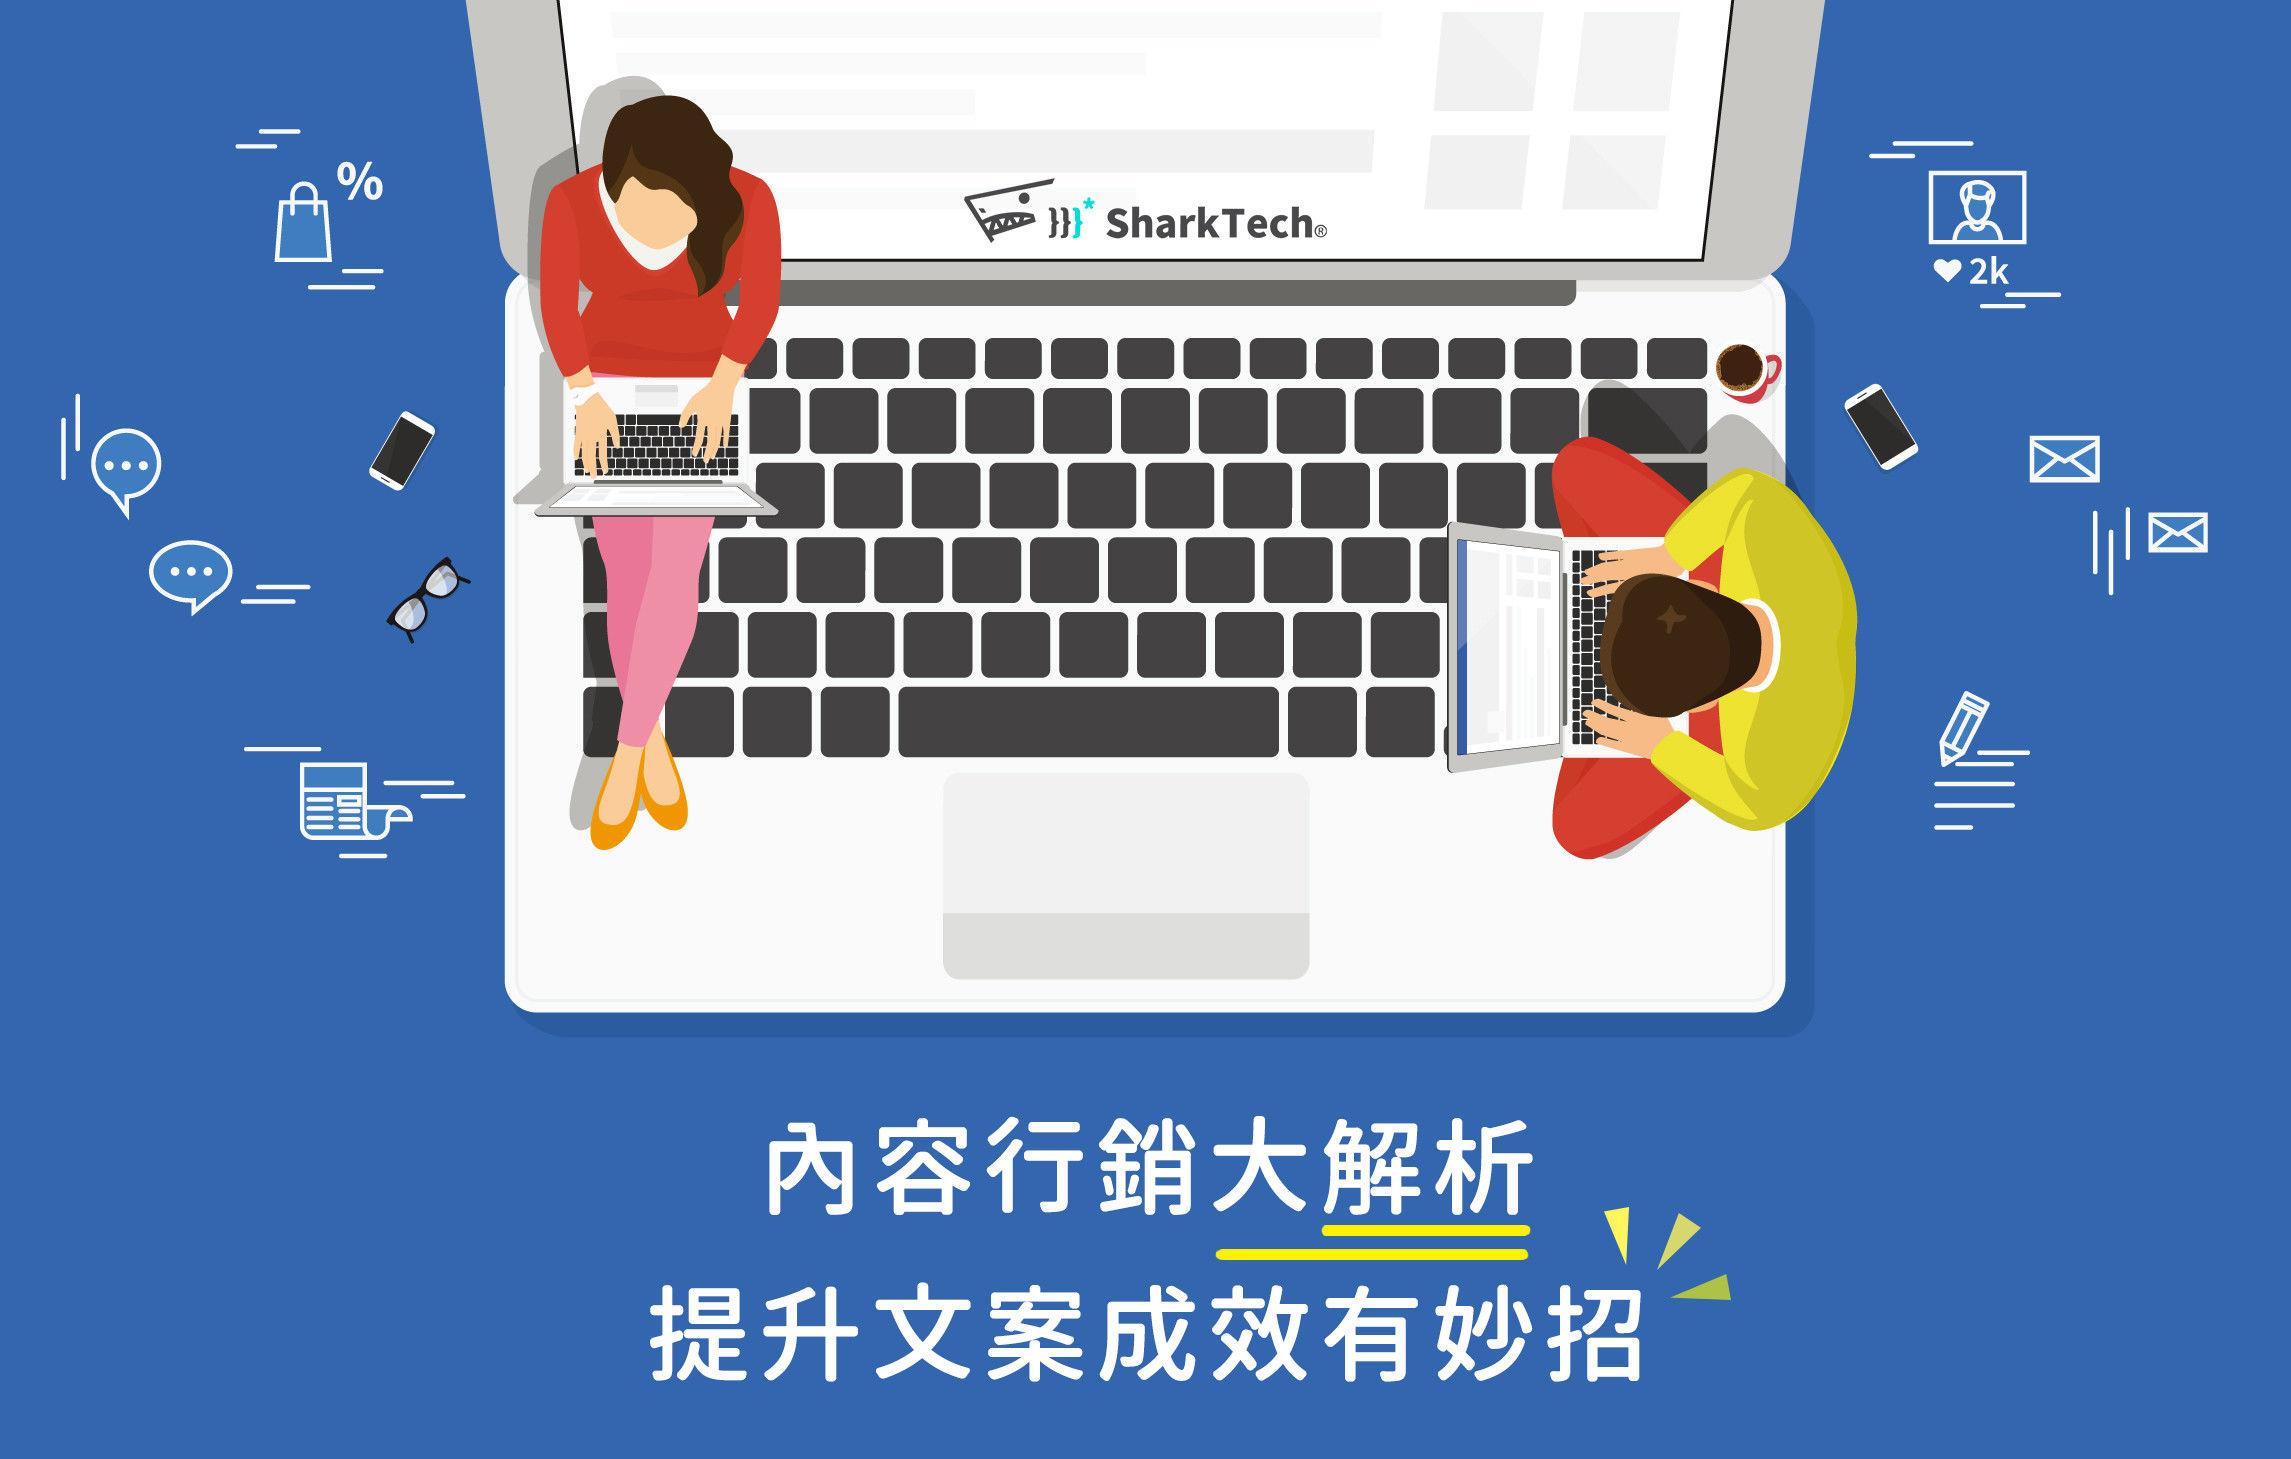 關鍵字排名內容行銷分析,提升文案撰寫成效 鯊客科技SEO優化顧問公司